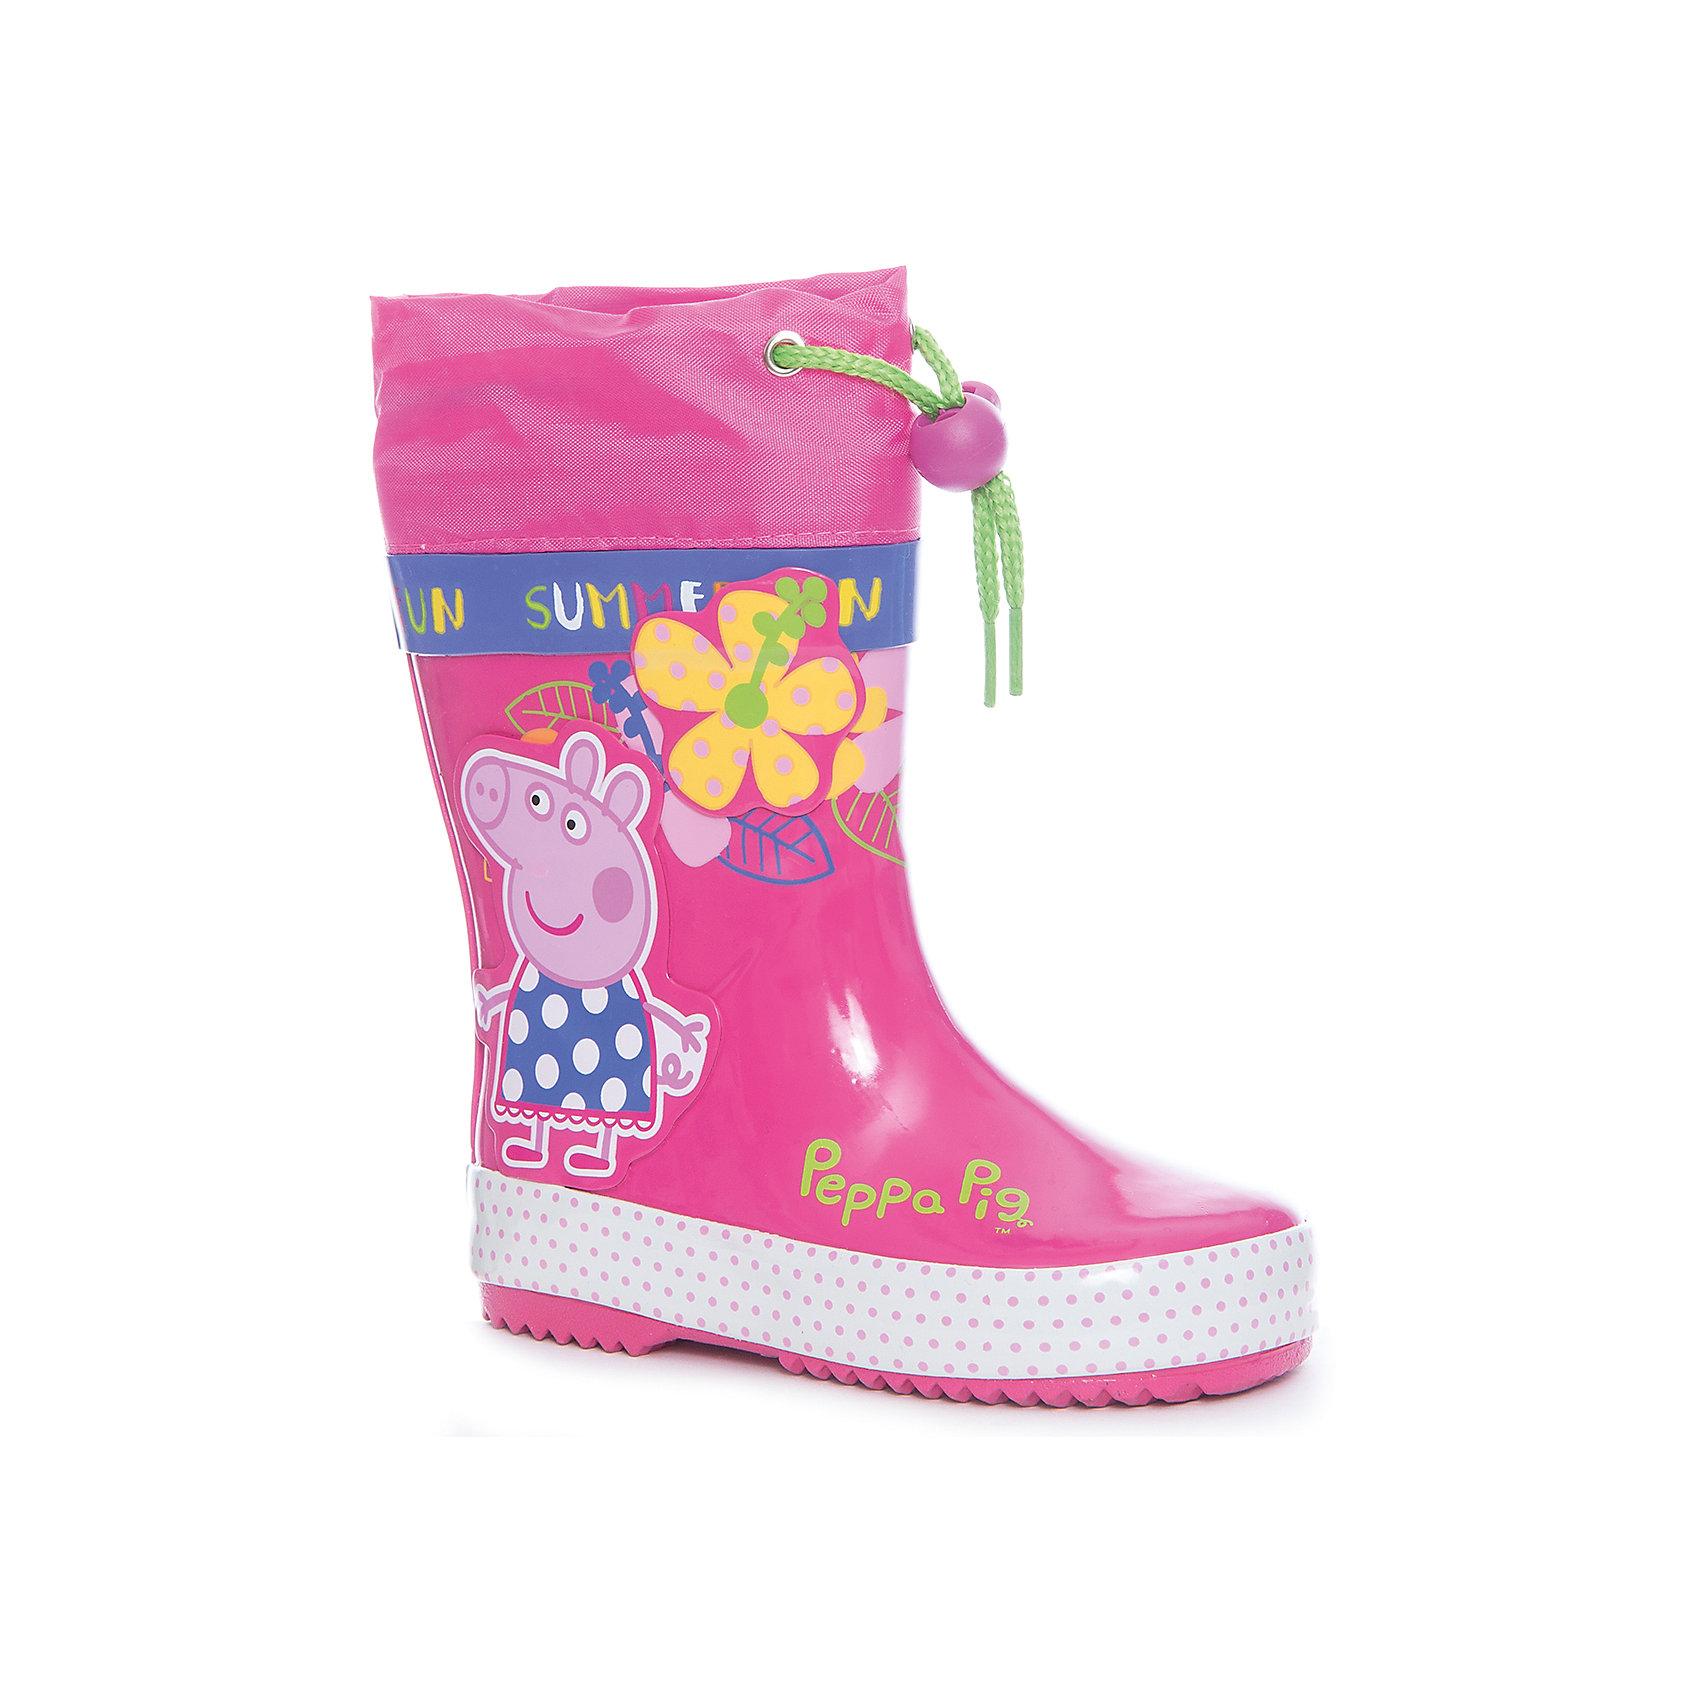 Резиновые сапоги  для девочки KAKADUРезиновые сапоги<br>Характеристики:<br><br>• цвет: розовый<br>• внешний материал: резина<br>• внутренний материал: текстиль<br>• стелька: текстиль<br>• подошва: резина<br>• температурный режим: от +5С до +15С<br>• съёмная стелька<br>• тип подошвы: рифленая<br>• способ крепления подошвы: литая<br>• на голенище предусмотрены манжеты на шнурке с фиксатором<br>• нход: можно мыть теплой мыльной водой, сухая чистка<br><br>Сапоги для девочки KAKADU – это обувь, которая характеризуется высокими качественными и потребительскими характеристиками: прочная, удобная и при этом модная, и яркая! Сапоги предназначены для прогулок в дождливую погоду. Они выполнены с учетом анатомических особенностей детской стопы. У обуви предусмотрена съемная стелька и подклад из хлопка, что обеспечивает повышенные гигиенические свойства сапожек. <br><br>Подошва выполнена из резины с рифлением, благодаря чему обувь не скользит на асфальтовой и тротуарной поверхности. На голенище у сапожек предусмотрены манжеты, ширина которых регулируется шнурком с фиксатором.<br><br>Сапоги для девочки KAKADU можно купить в нашем интернет-магазине.<br><br>Ширина мм: 257<br>Глубина мм: 180<br>Высота мм: 130<br>Вес г: 420<br>Цвет: розовый<br>Возраст от месяцев: 48<br>Возраст до месяцев: 60<br>Пол: Женский<br>Возраст: Детский<br>Размер: 23,28,24,25,26,27<br>SKU: 5386426